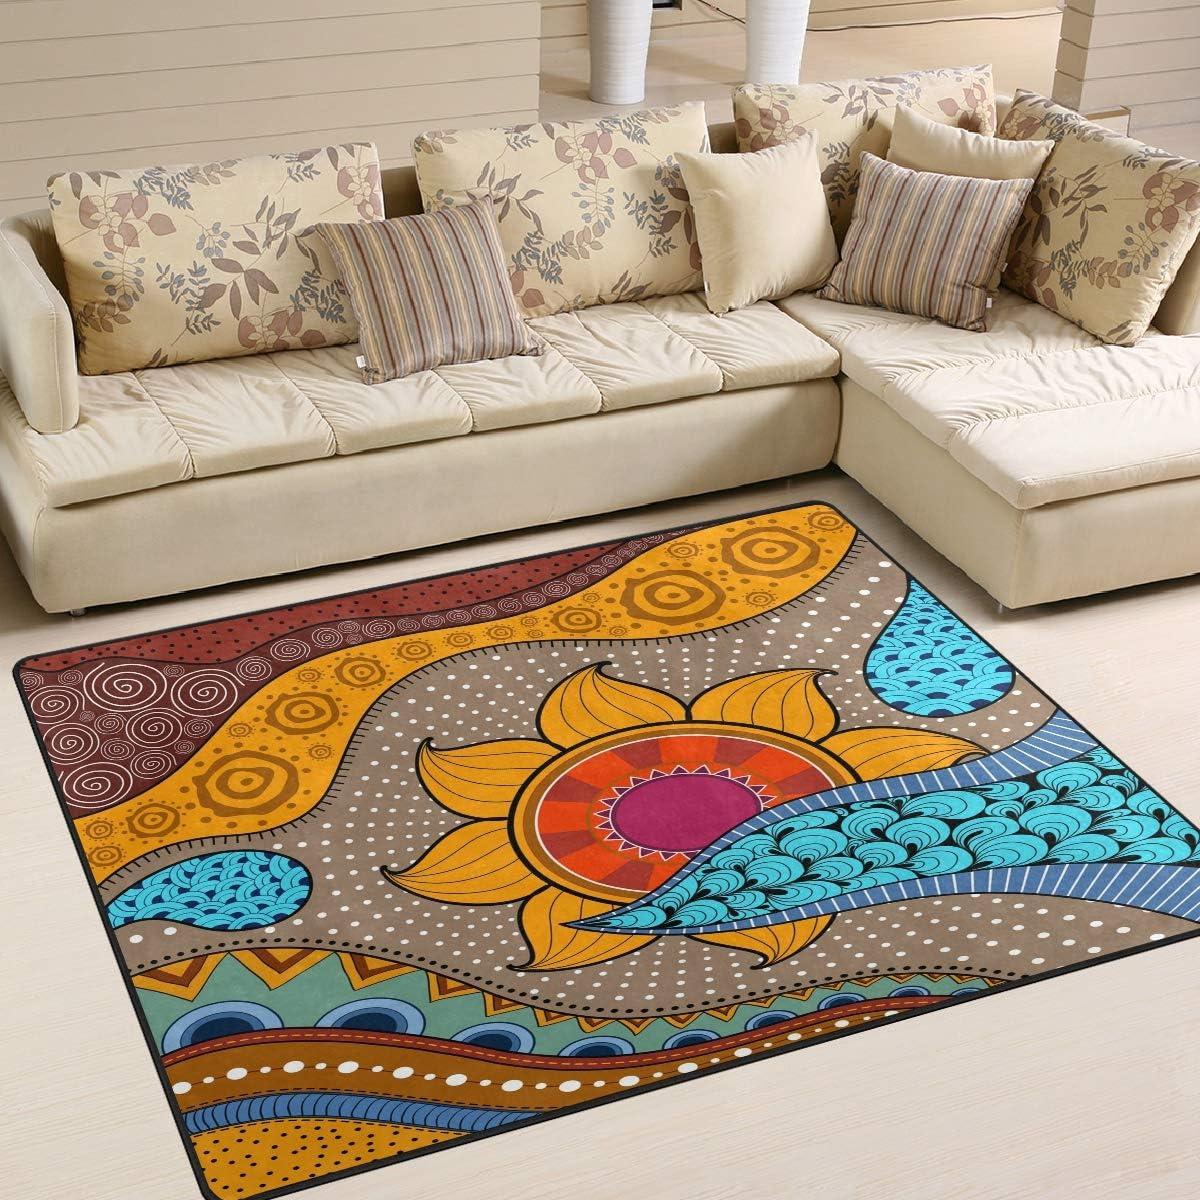 Naanle Africa Non Slip Area Rug 人気ブランド多数対象 至上 Living Bedroom for Dinning Room